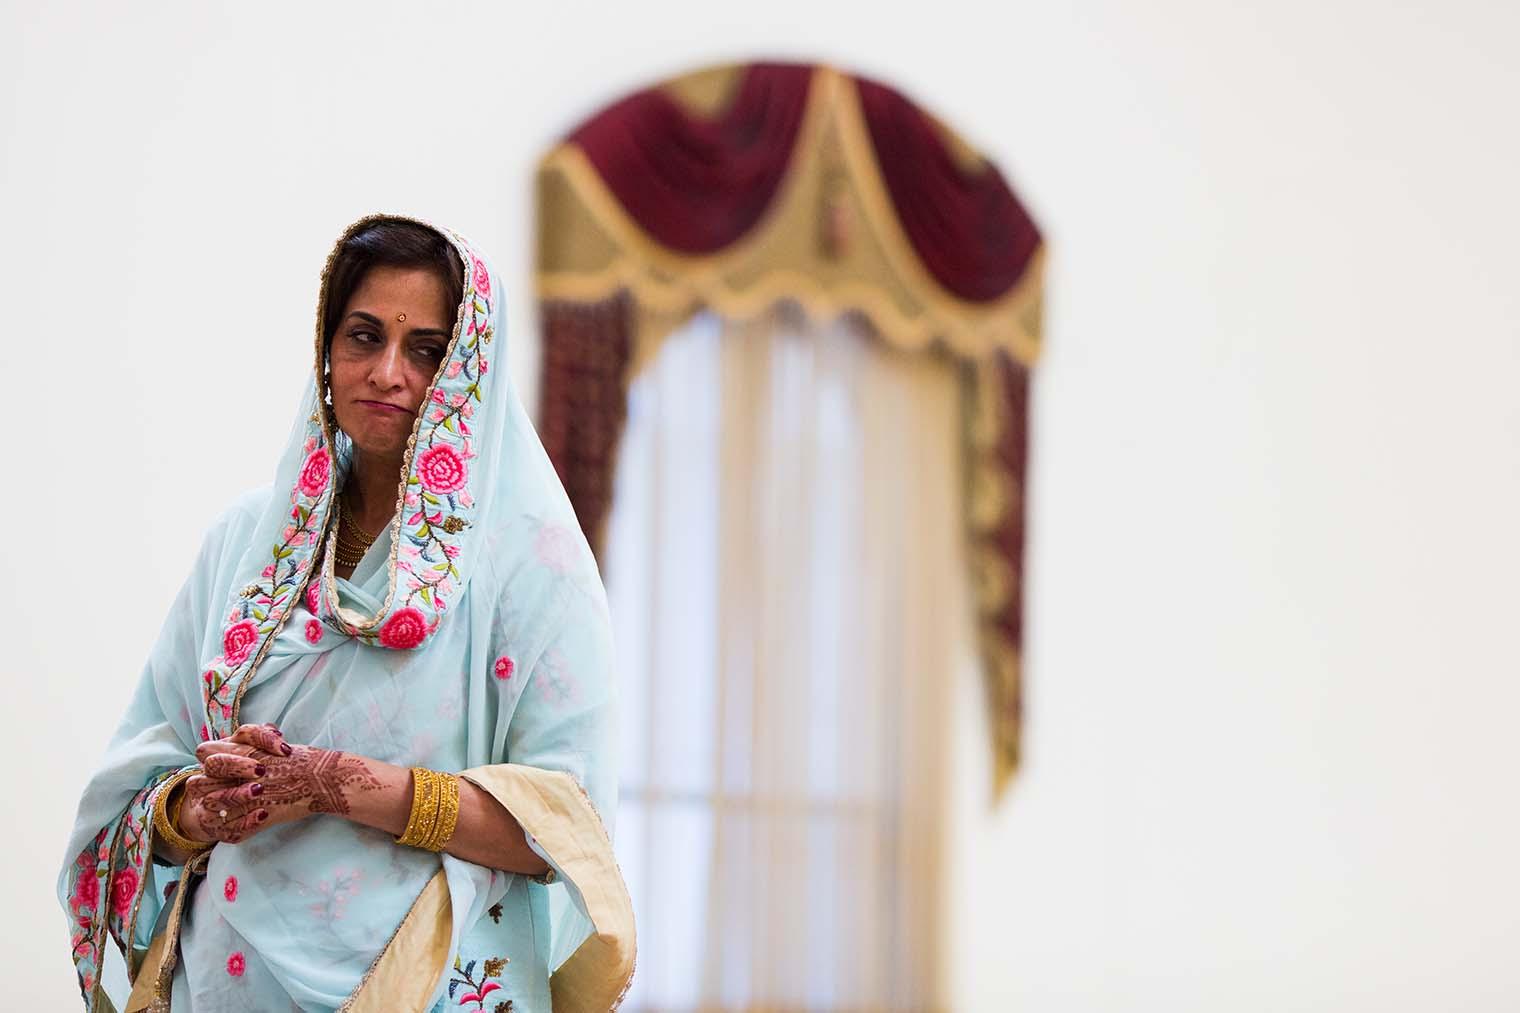 Wedding Ceremony at Gurdwara Sahib of Fremont